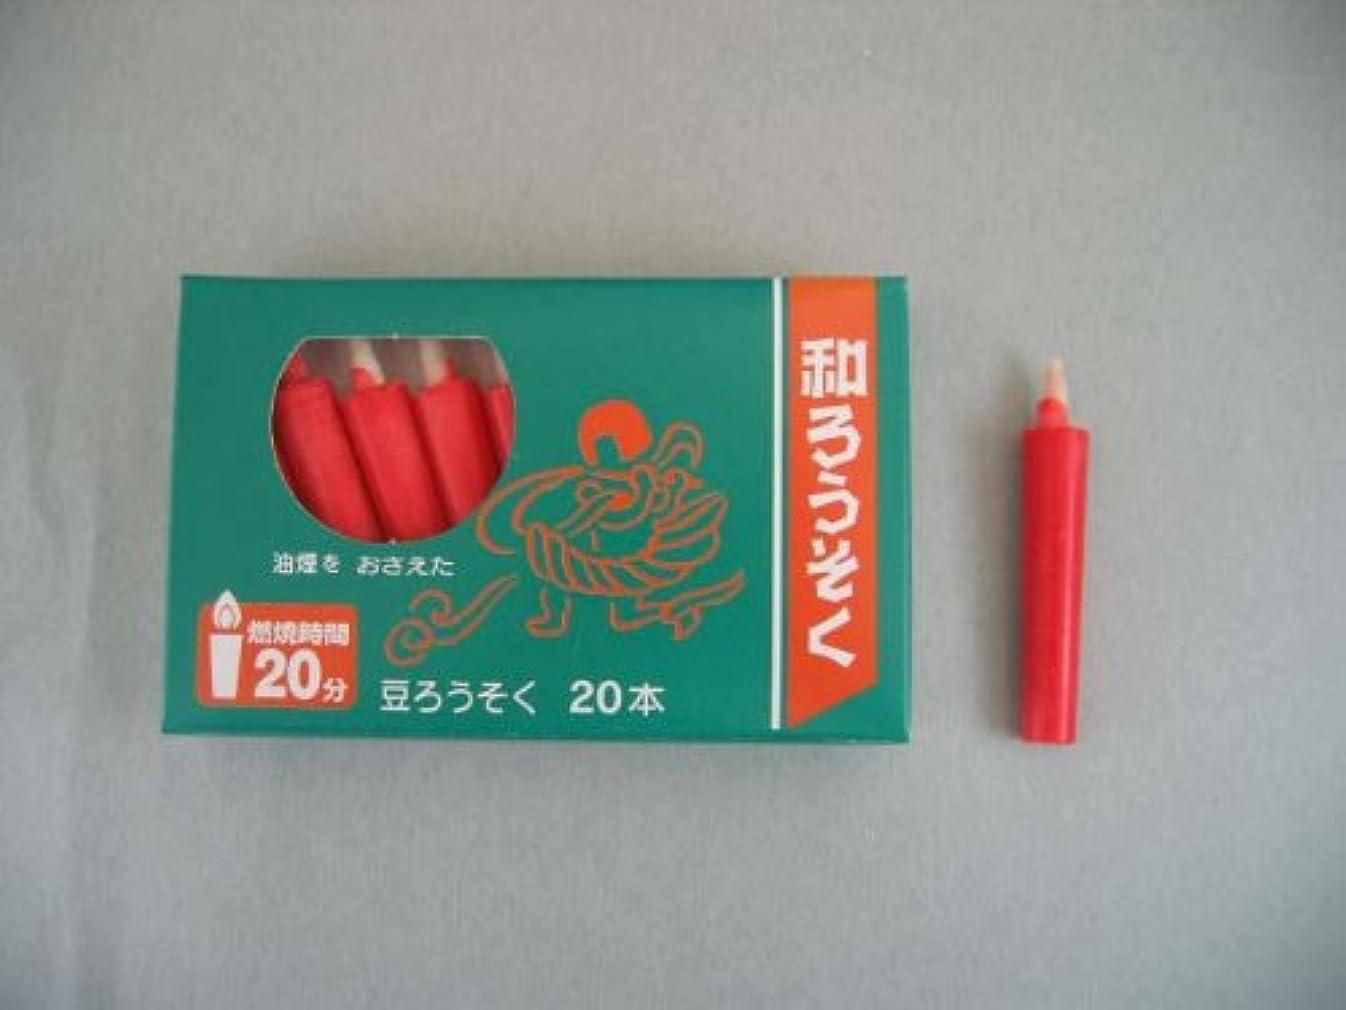 和ろうそく 【朱】 型和蝋燭 ローソク 豆型 棒タイプ 朱色 小箱 20本入り